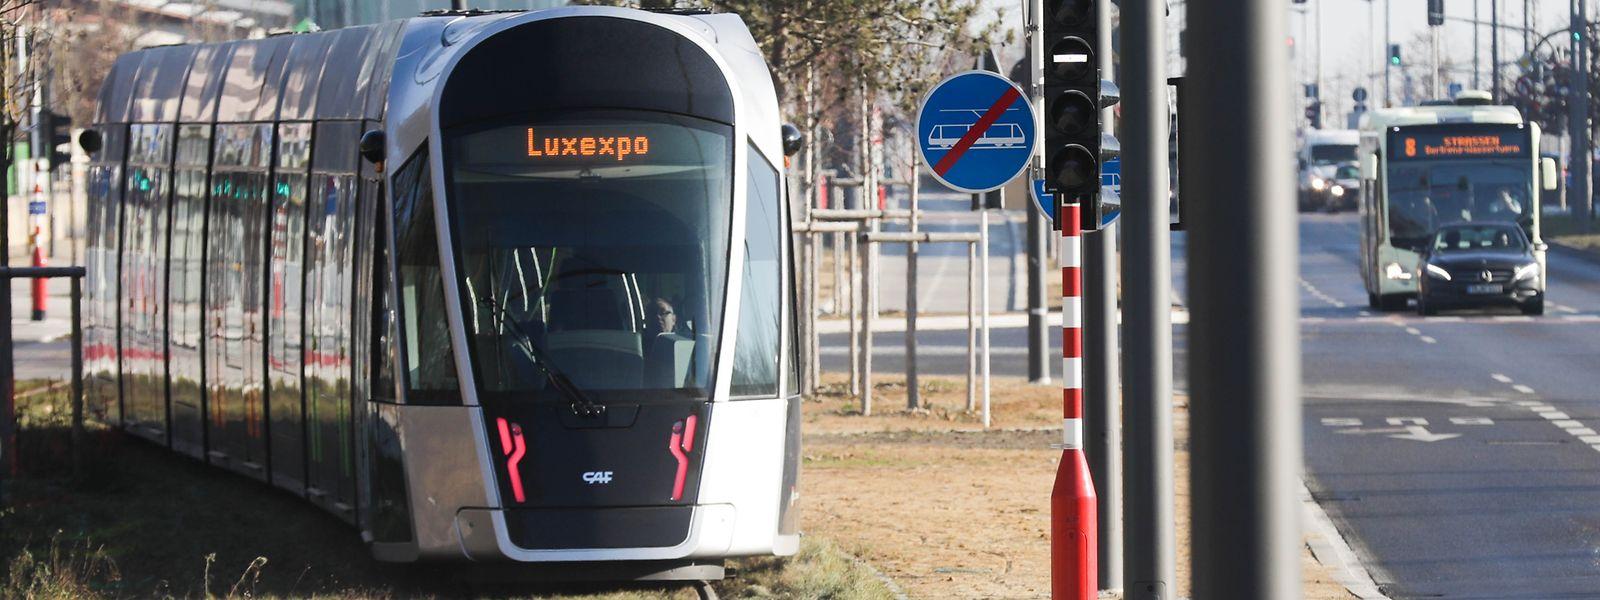 Vor allem der Ausbau des öffentlichen Verkehrsnetzes steht im Mittelpunkt der Infrastrukturpläne.